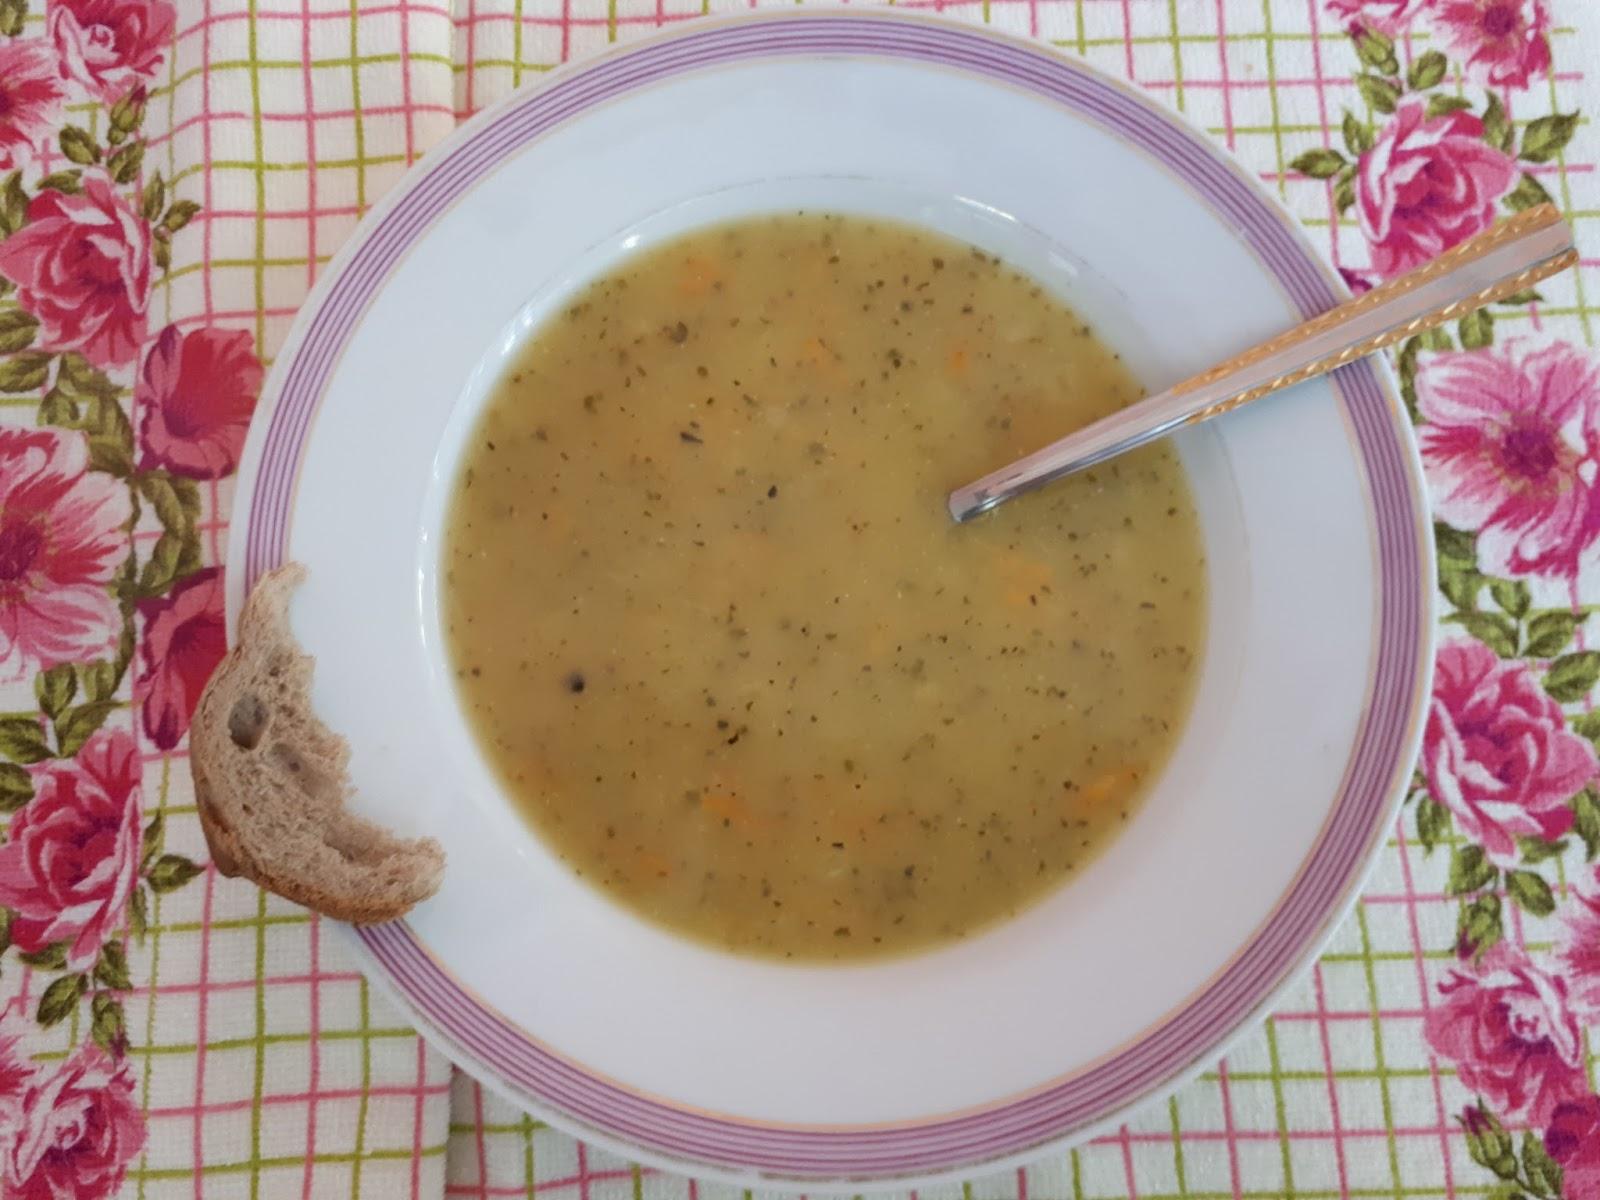 Peskutan çorbası tarifi